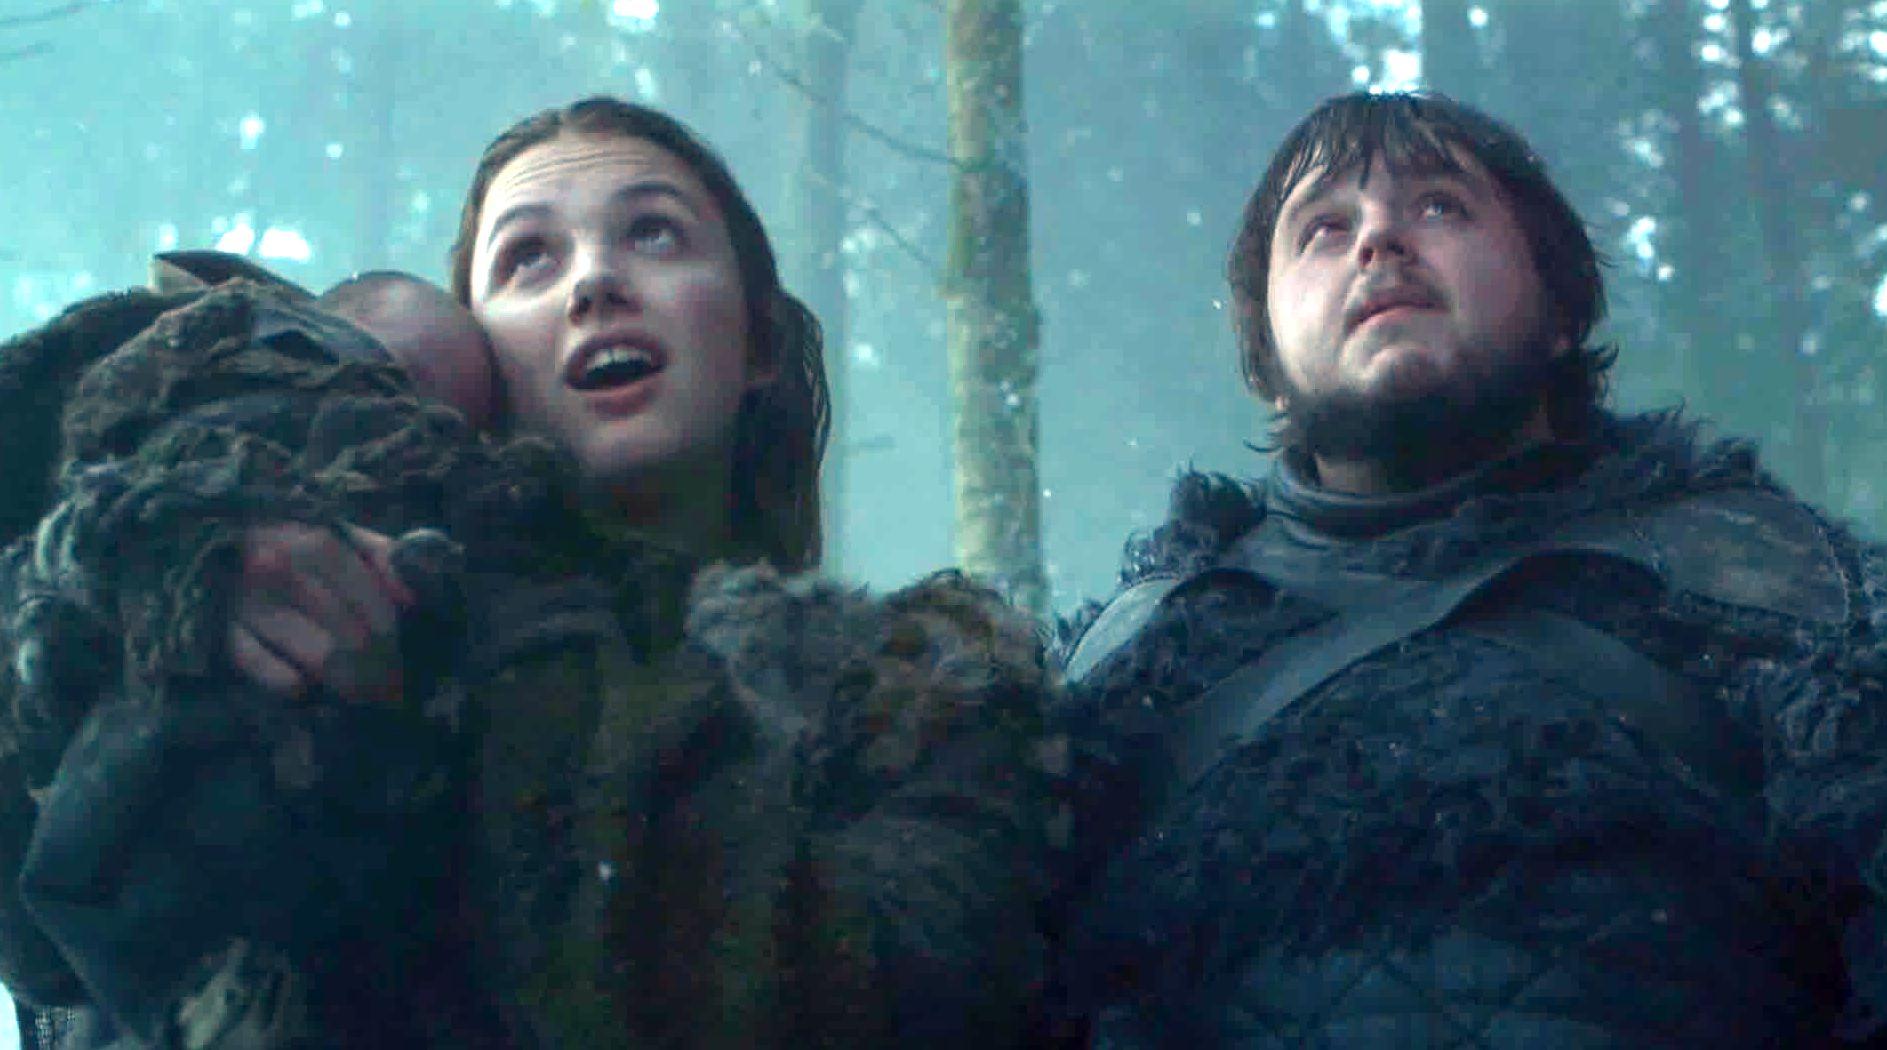 Gilly y Samwell Tarly tendrán un papel determinante en la última temporada de Game of Thrones (Foto Prensa Libre: HBO).